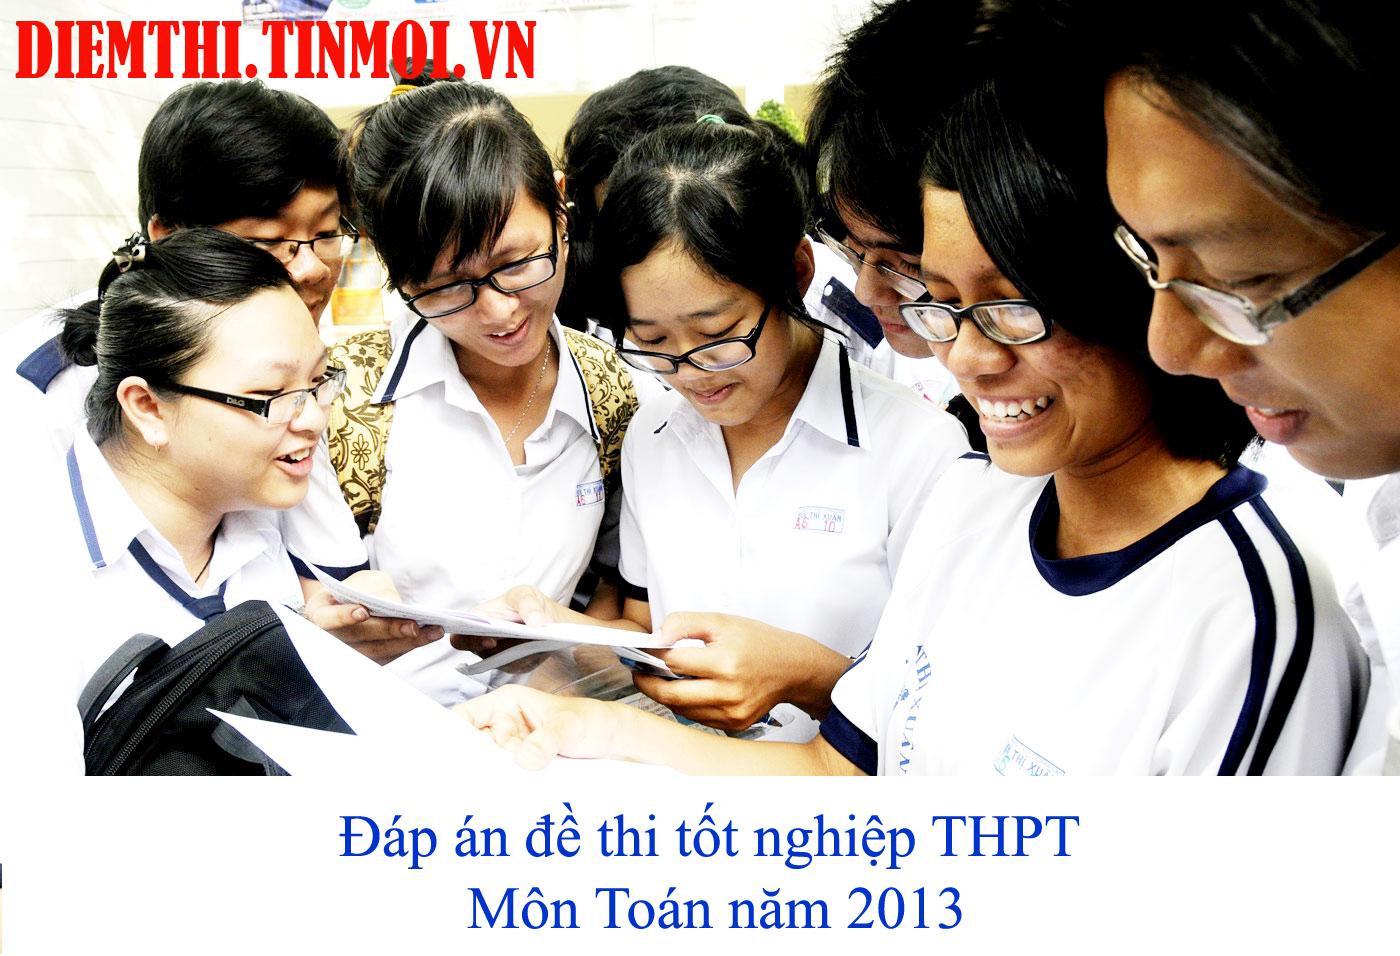 Hình ảnh Đáp án chính thức của bộ GD môn Toán tốt nghiệp THPT năm 2013 số 6